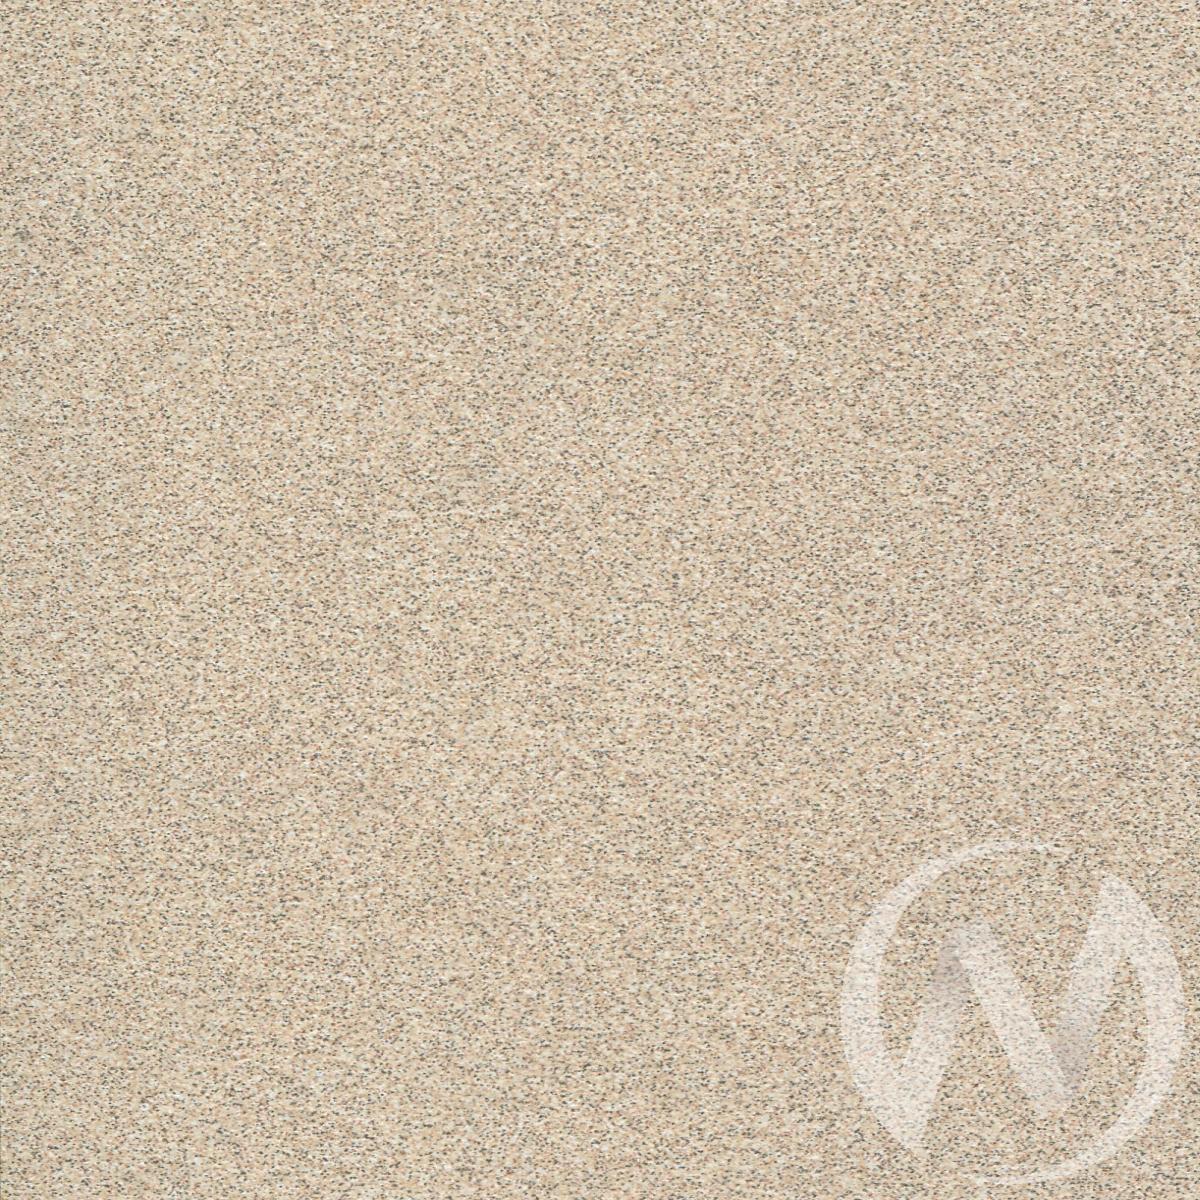 Мебельный щит 3000*600/6мм № 7 песок недорого в Томске — интернет-магазин авторской мебели Экостиль